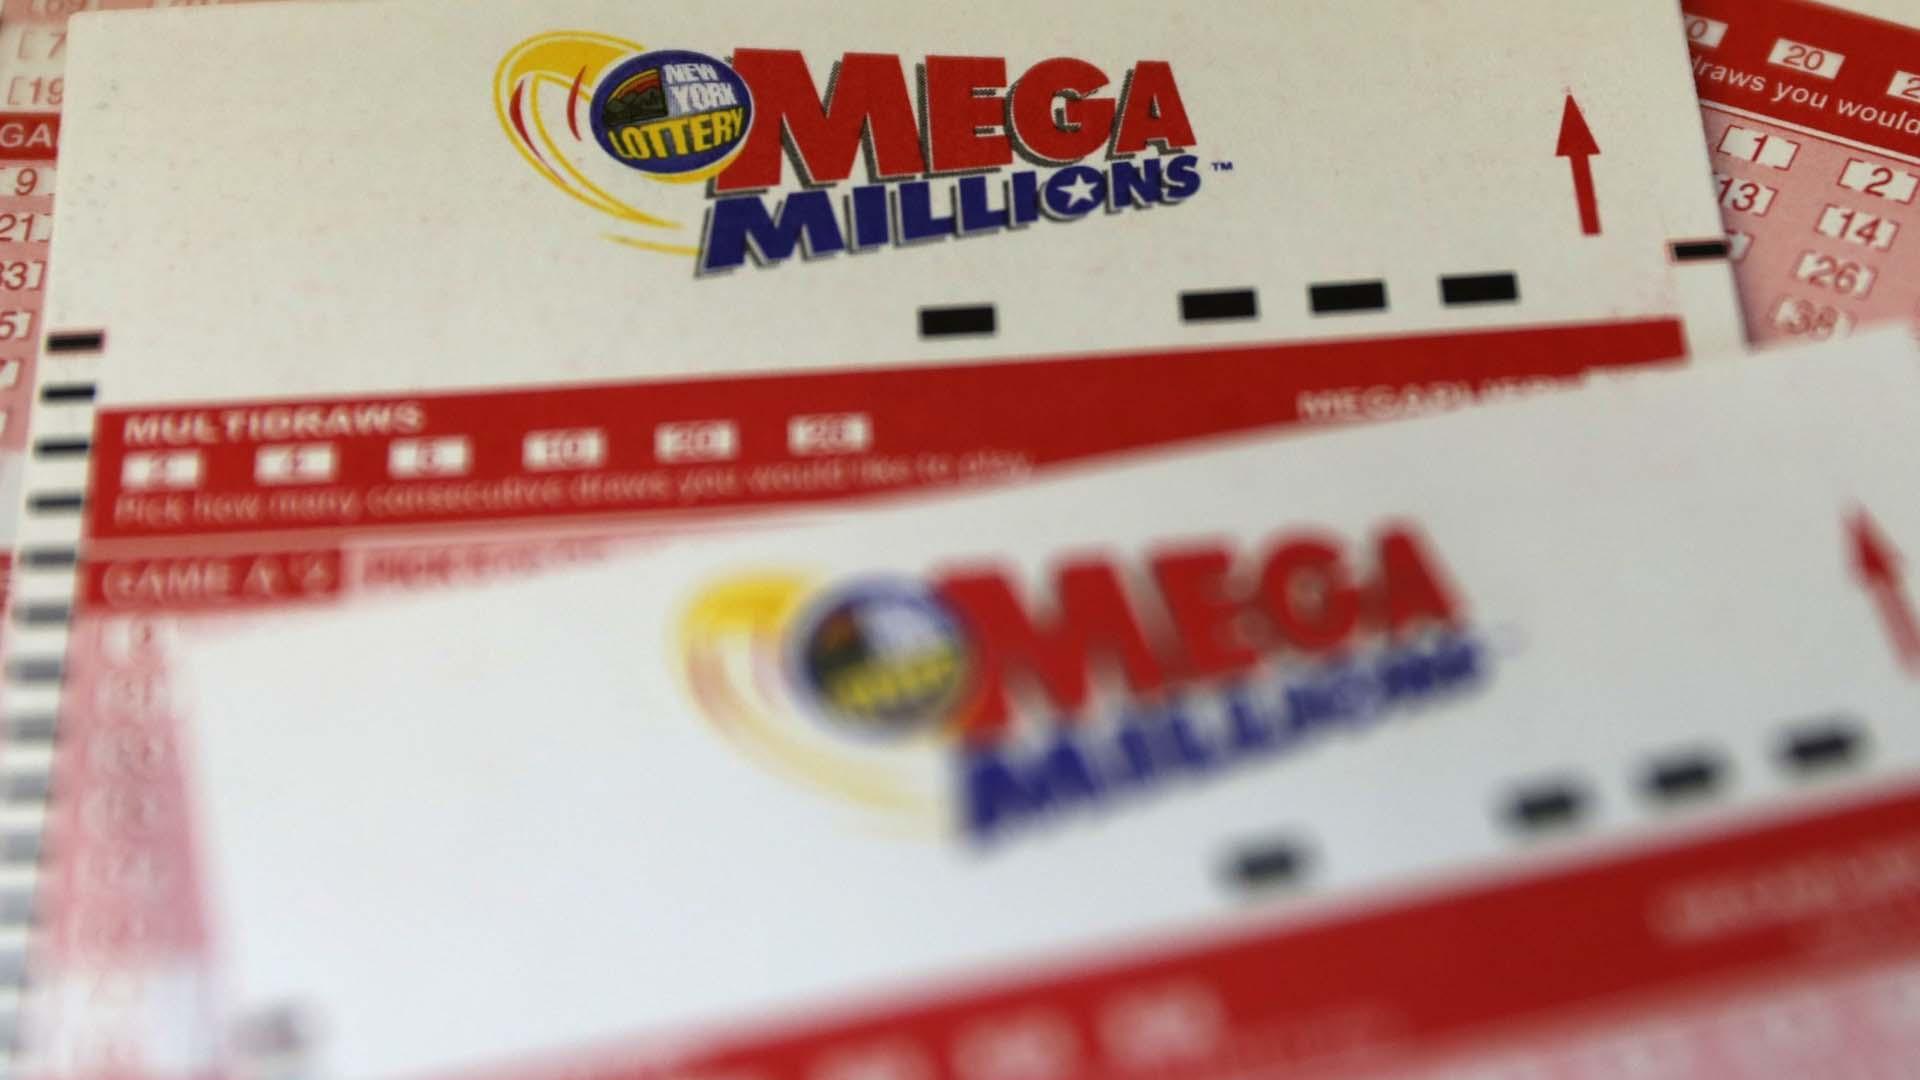 El martes 25 por la noche se sortean 305 millones de dólares del Mega Millions.